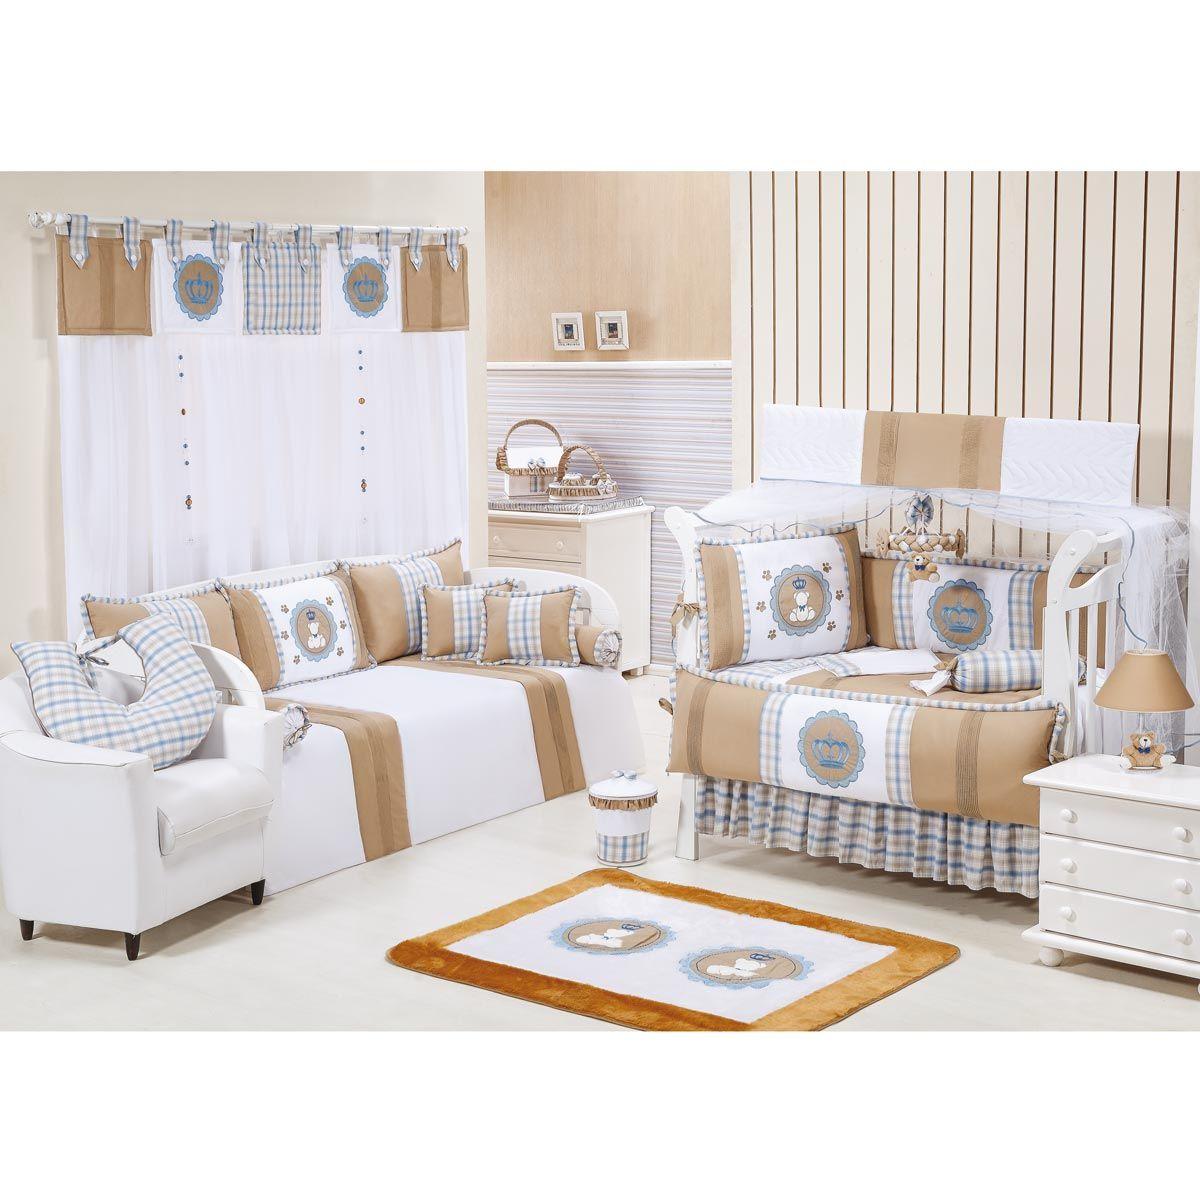 Pêndulo para Cortina de Bebê 02 Peças - Coleção Príncipe Baby